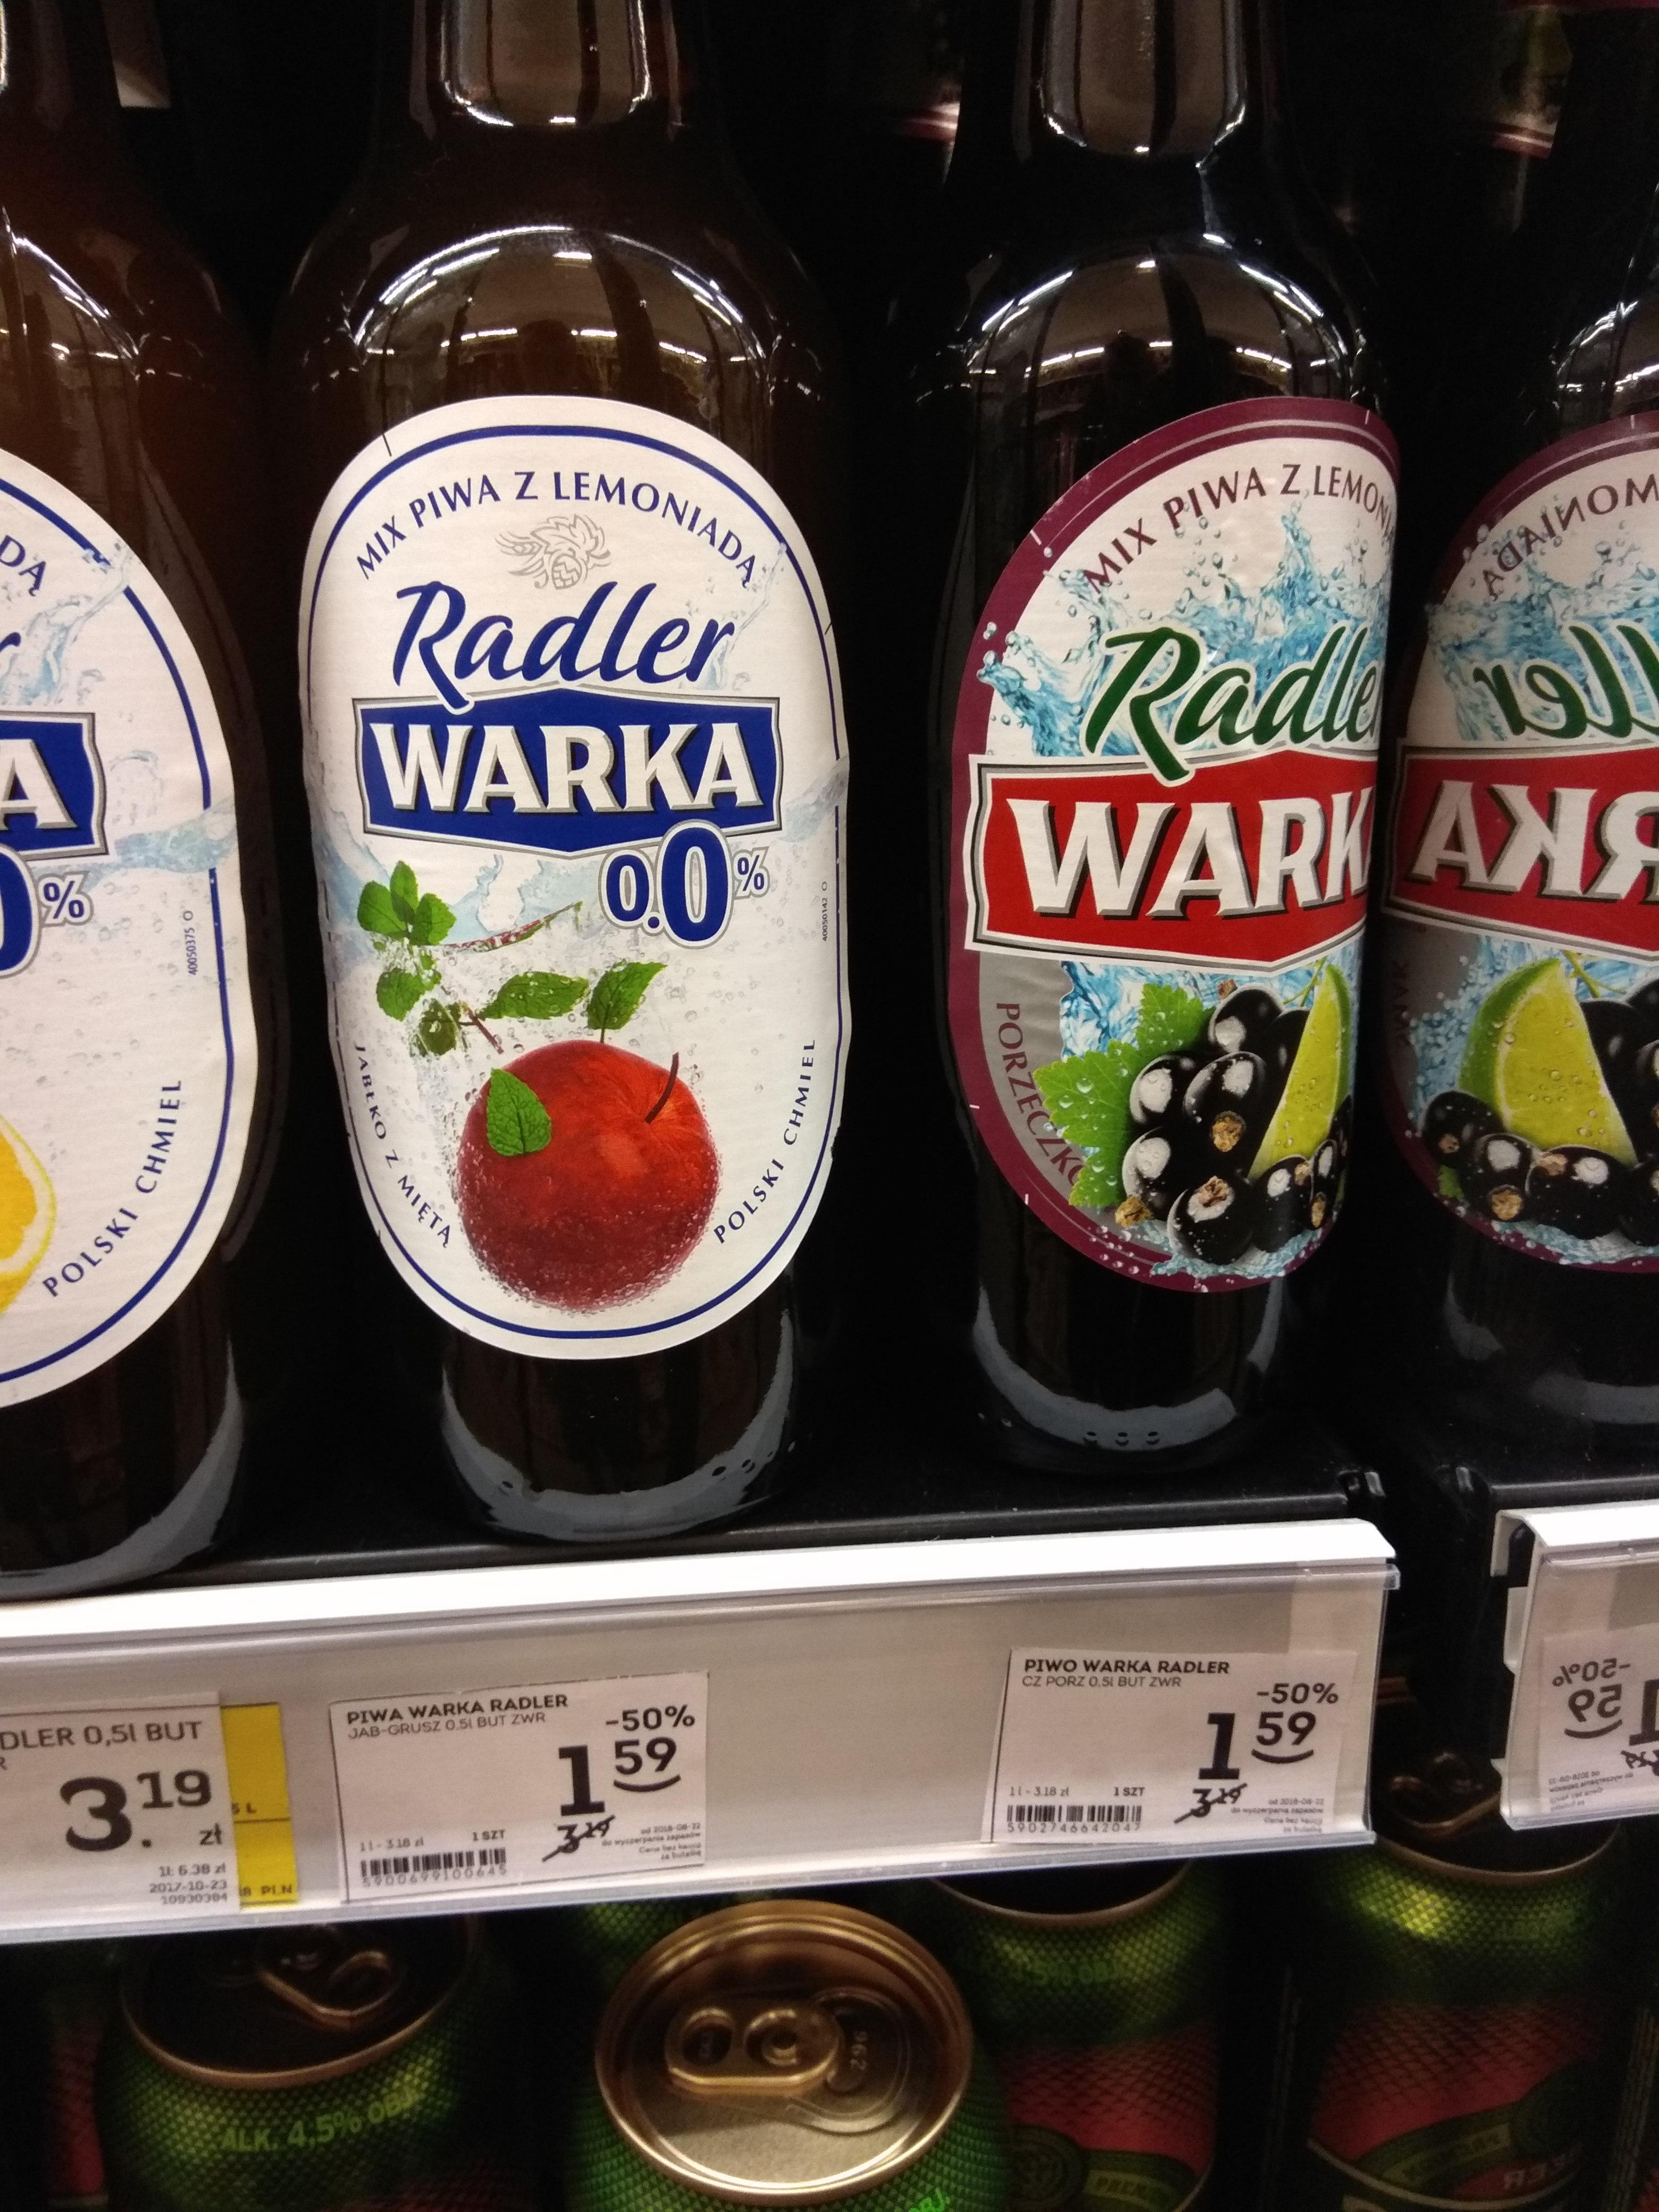 Piwo warka radler dwa smaki